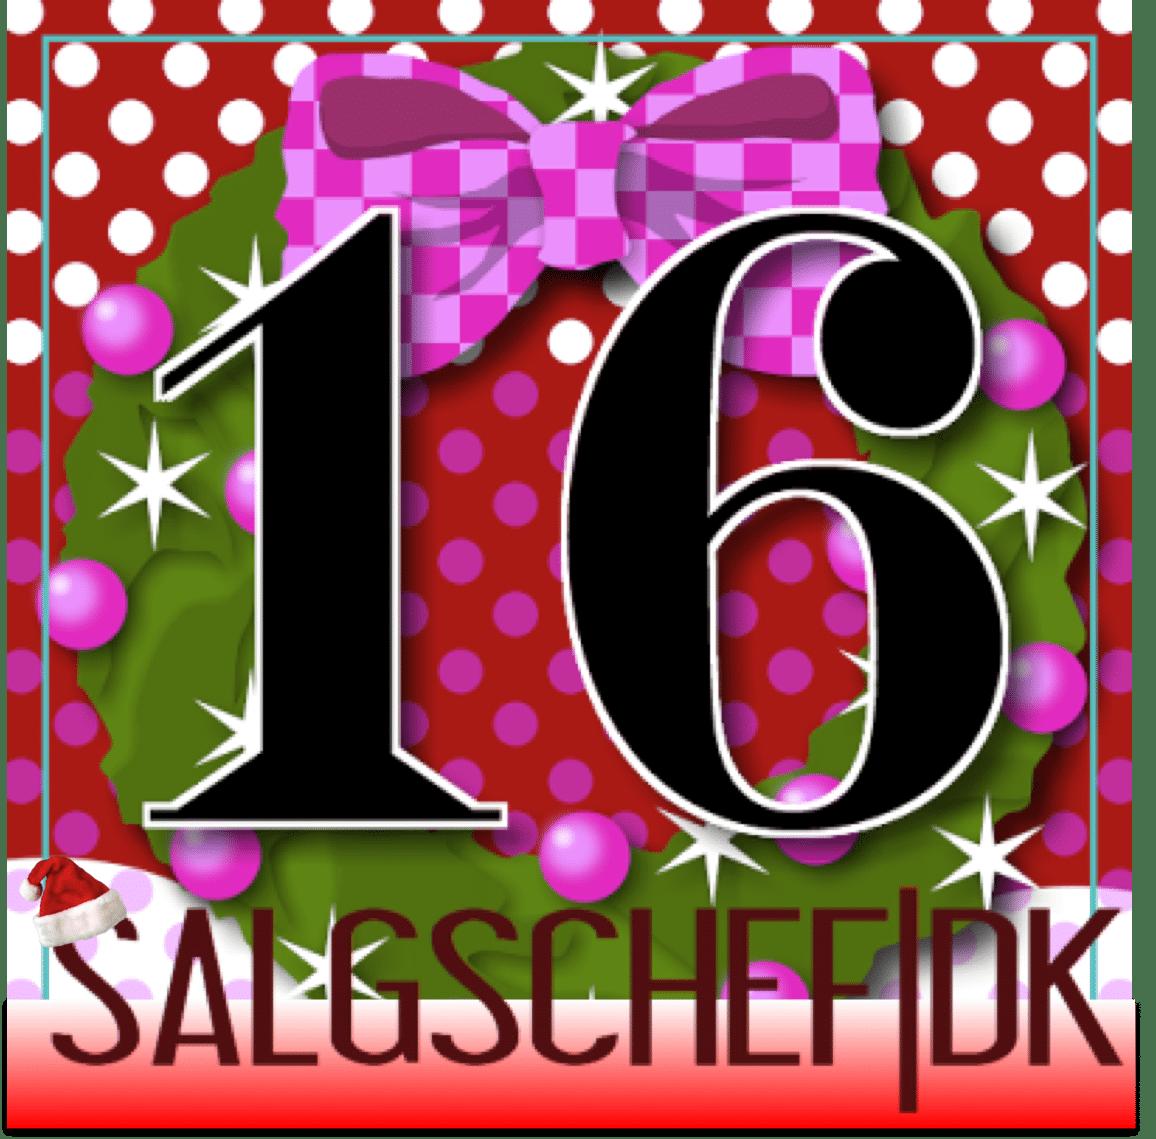 julekalender salgschef.dk